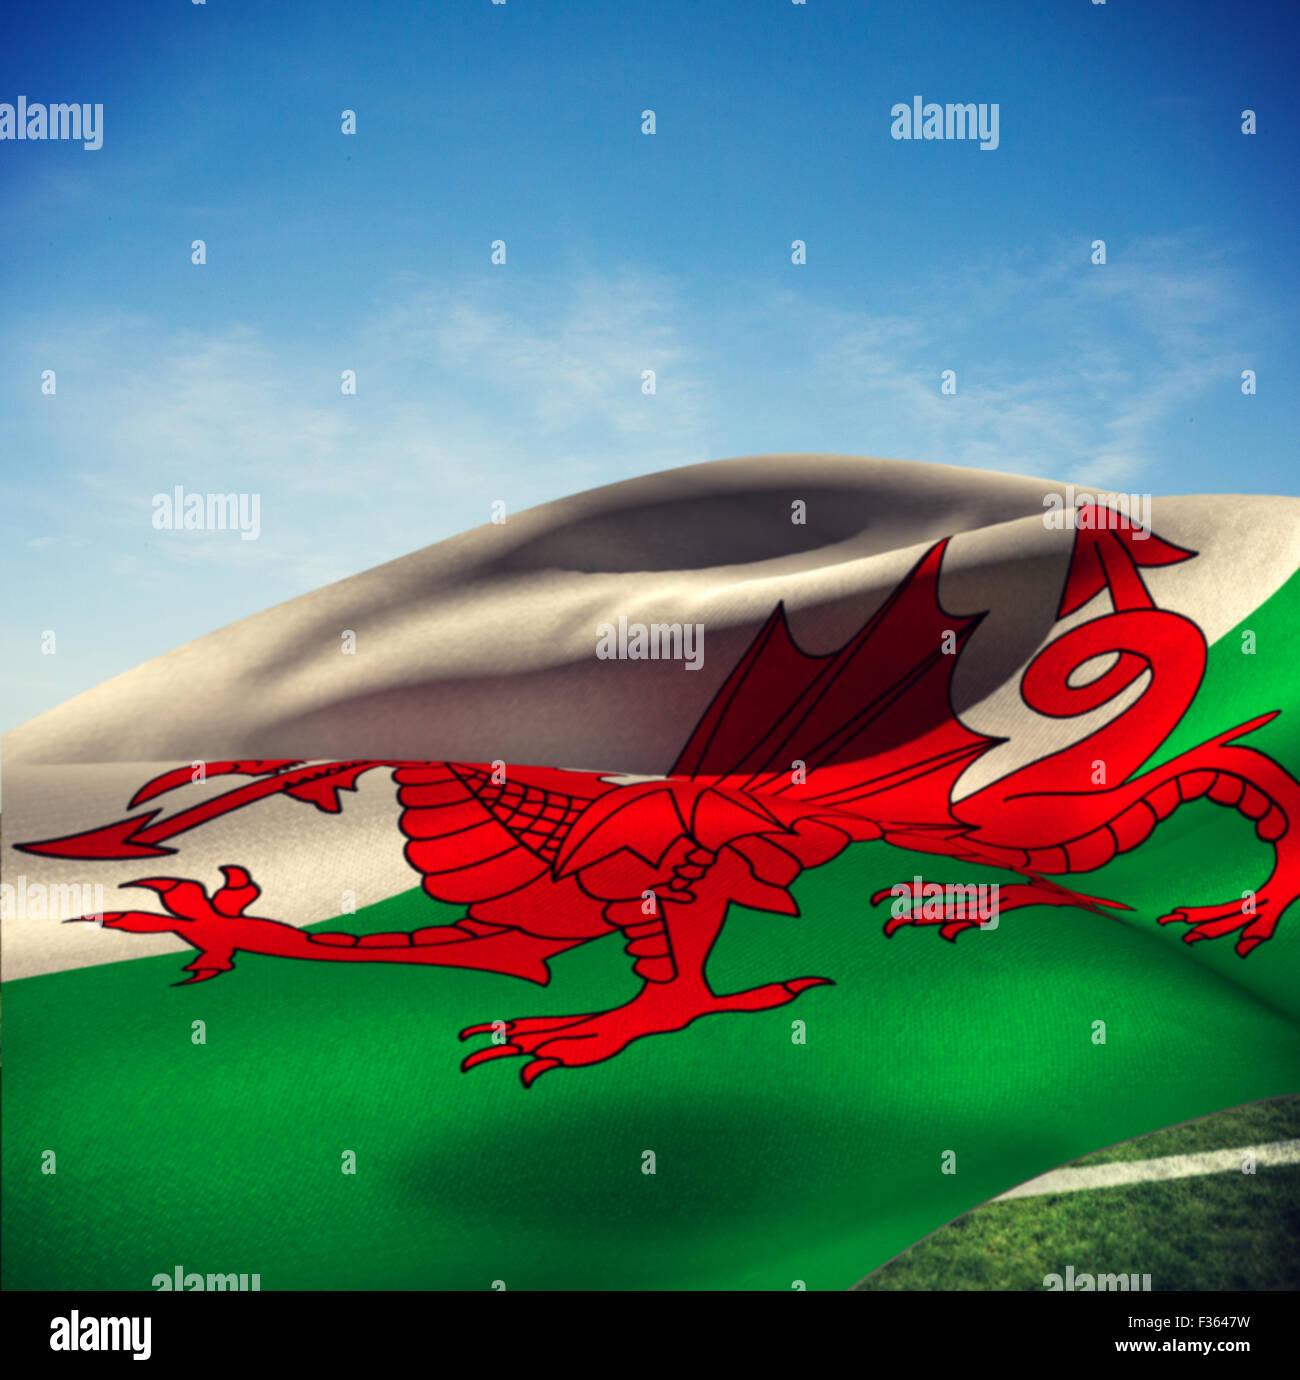 Immagine composita della sventola bandiera del Galles Immagini Stock